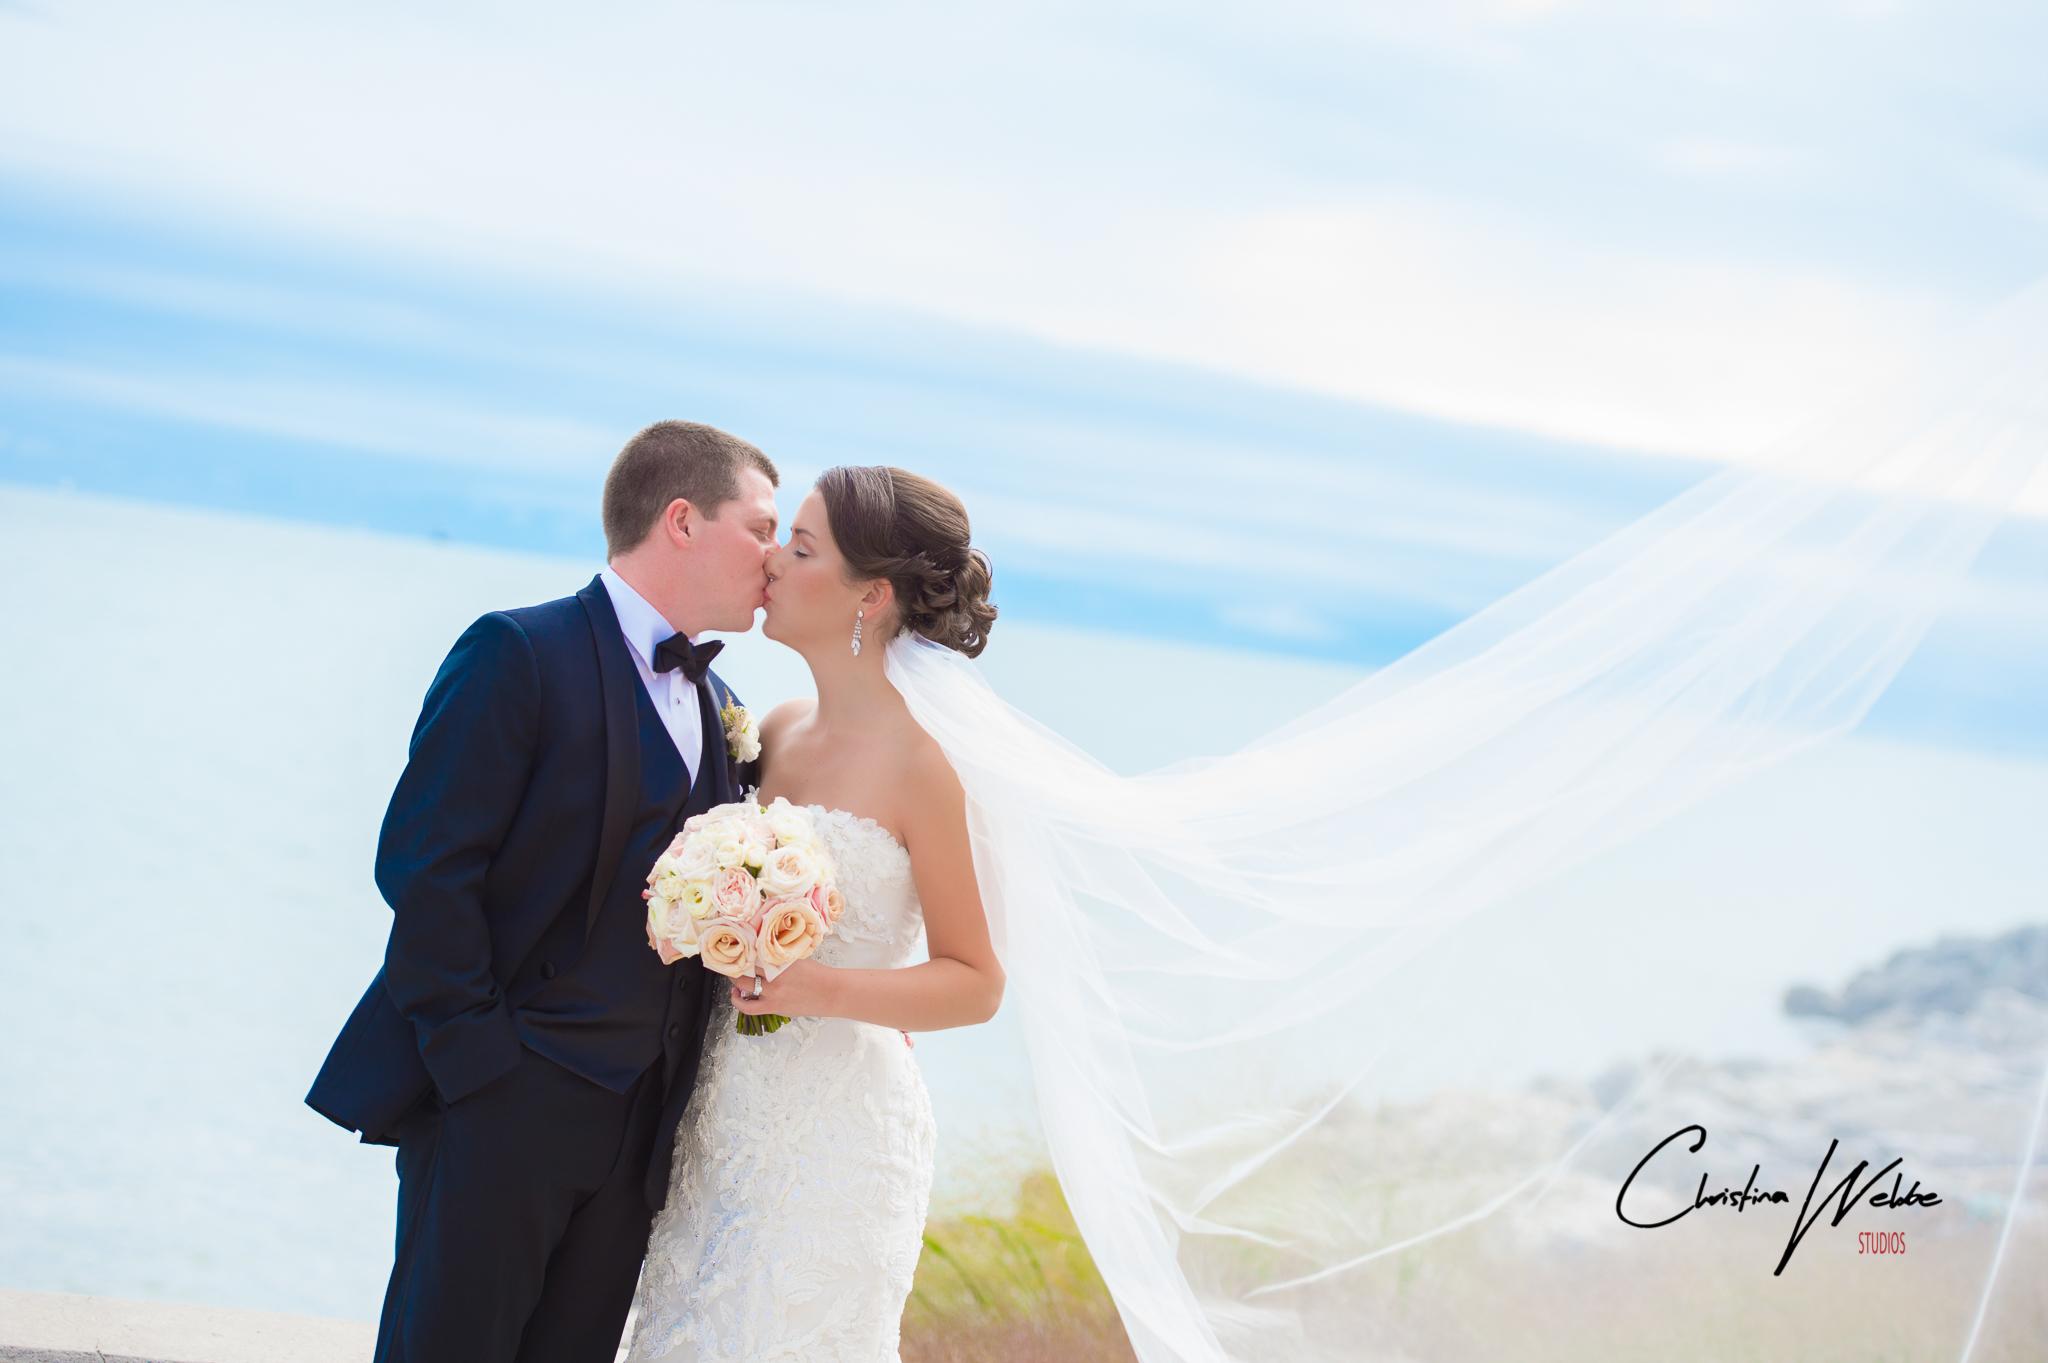 best-wedding-photogrphers-in-chicago-39